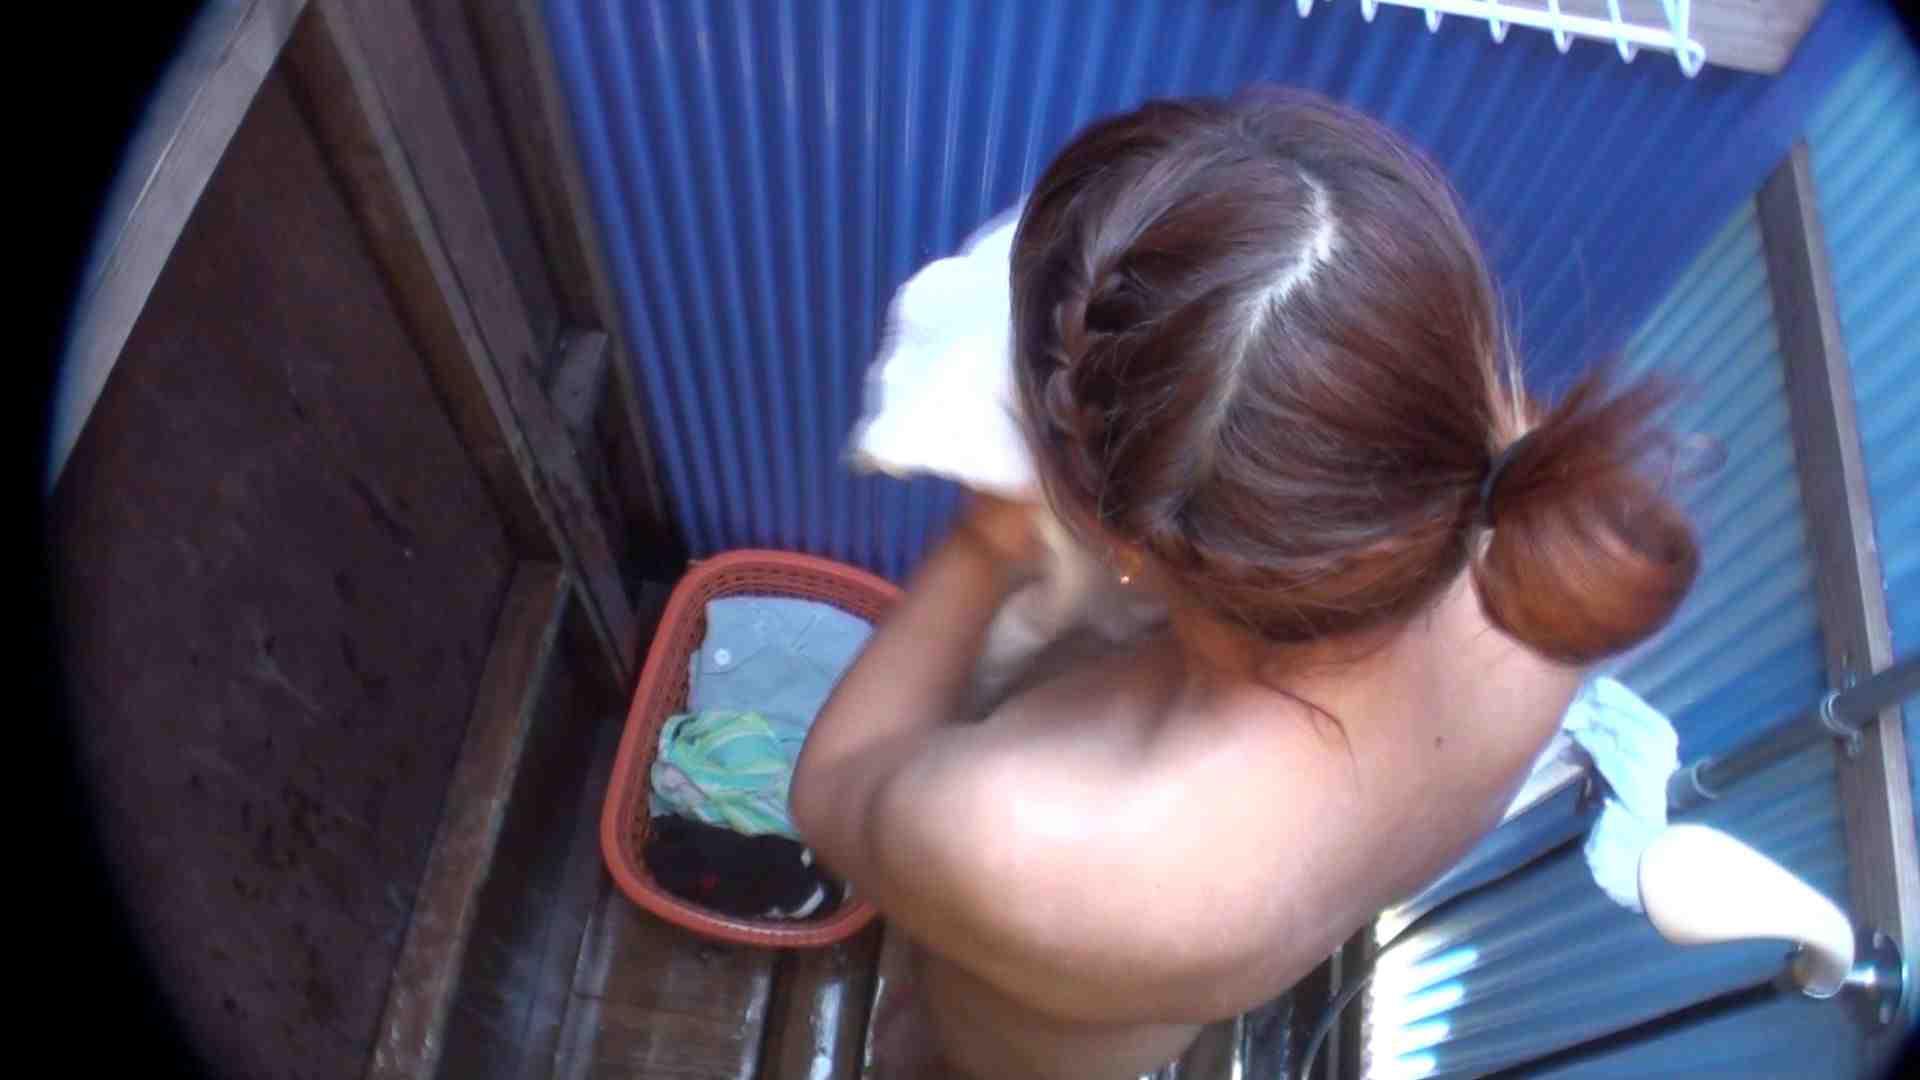 シャワールームは超!!危険な香りVol.18 幼児体型なムッチリギャル OLの実態 盗み撮りSEX無修正画像 60pic 14